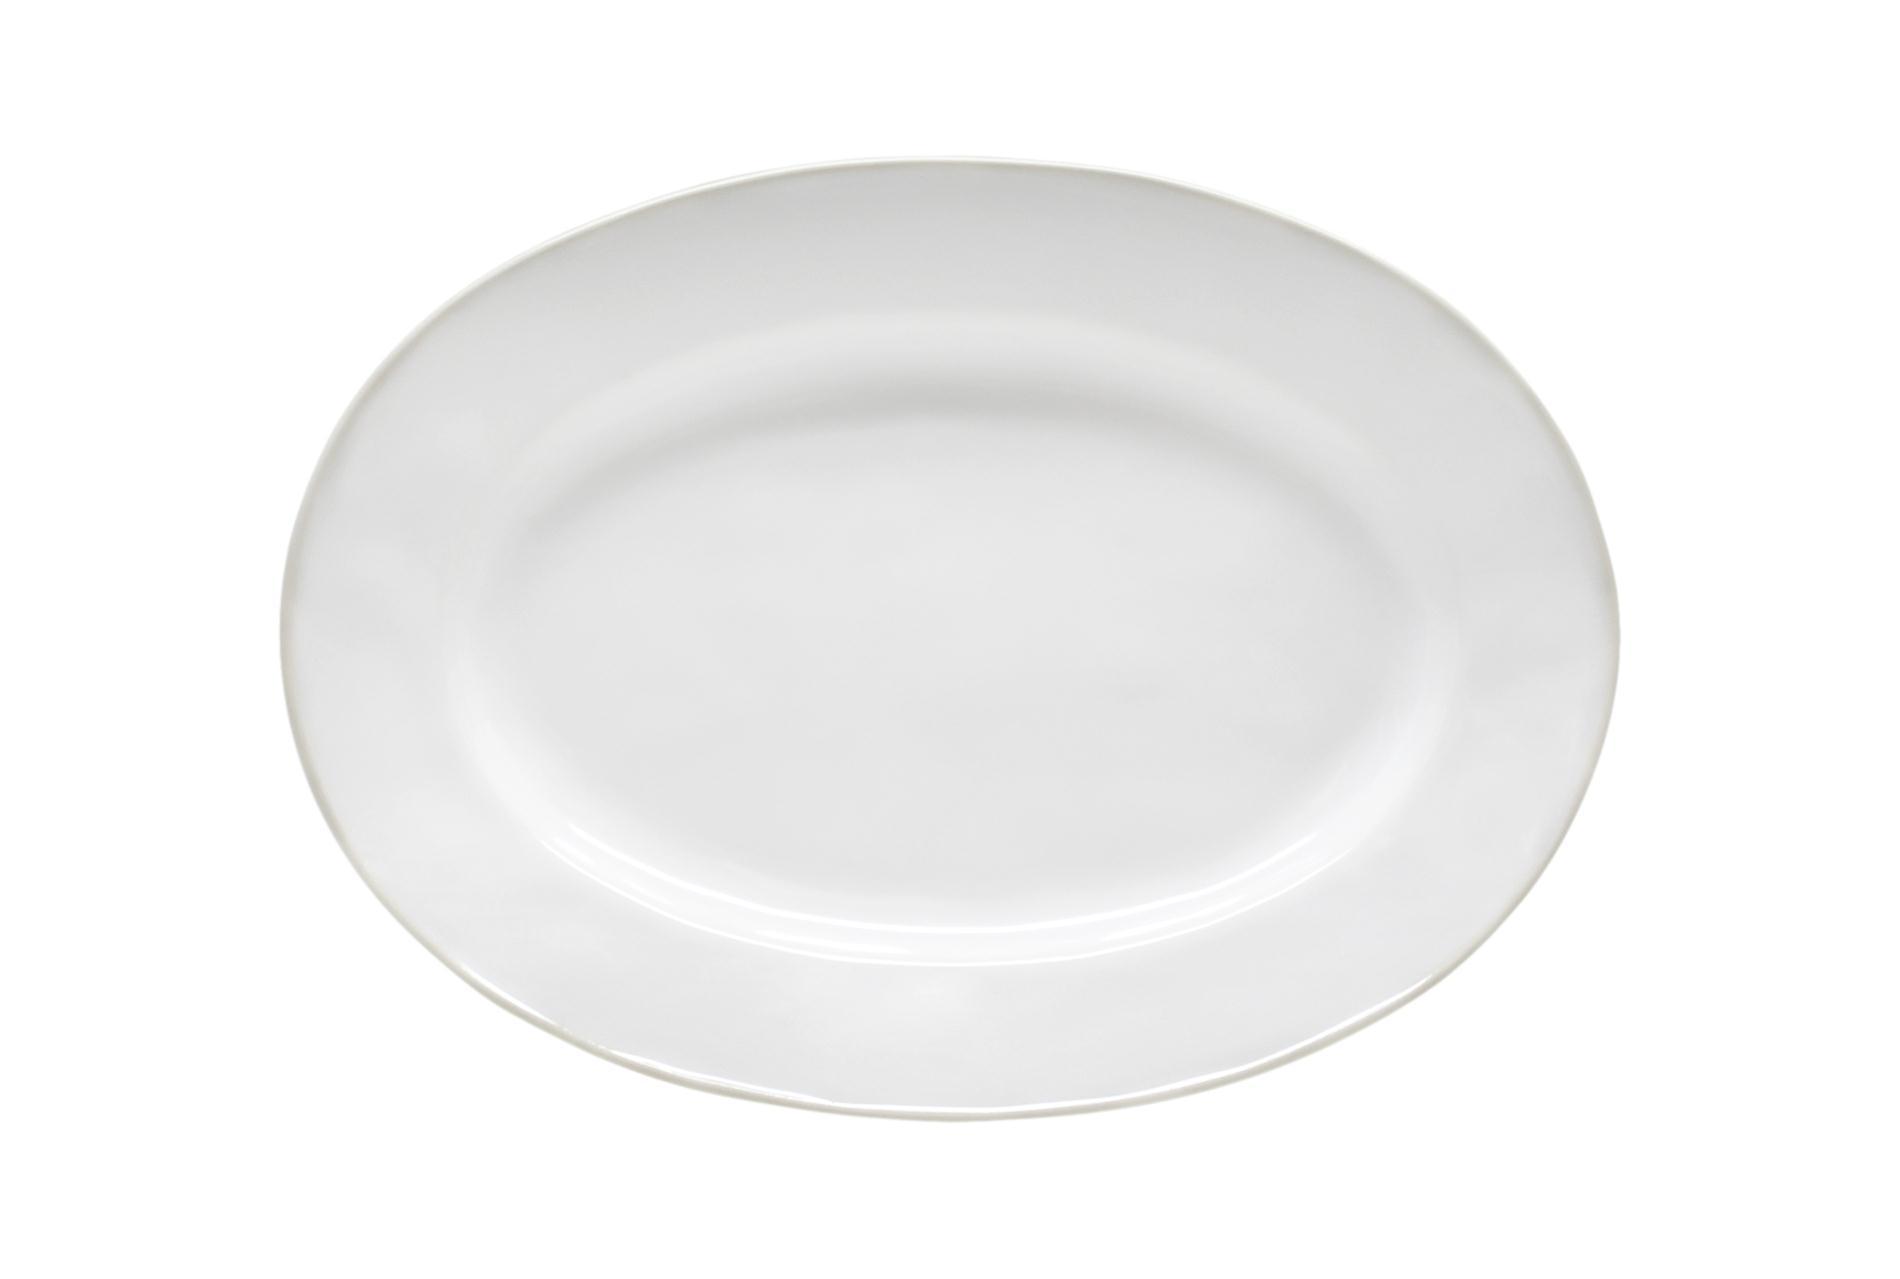 Platte oval Astoria, weiß, 30 cm